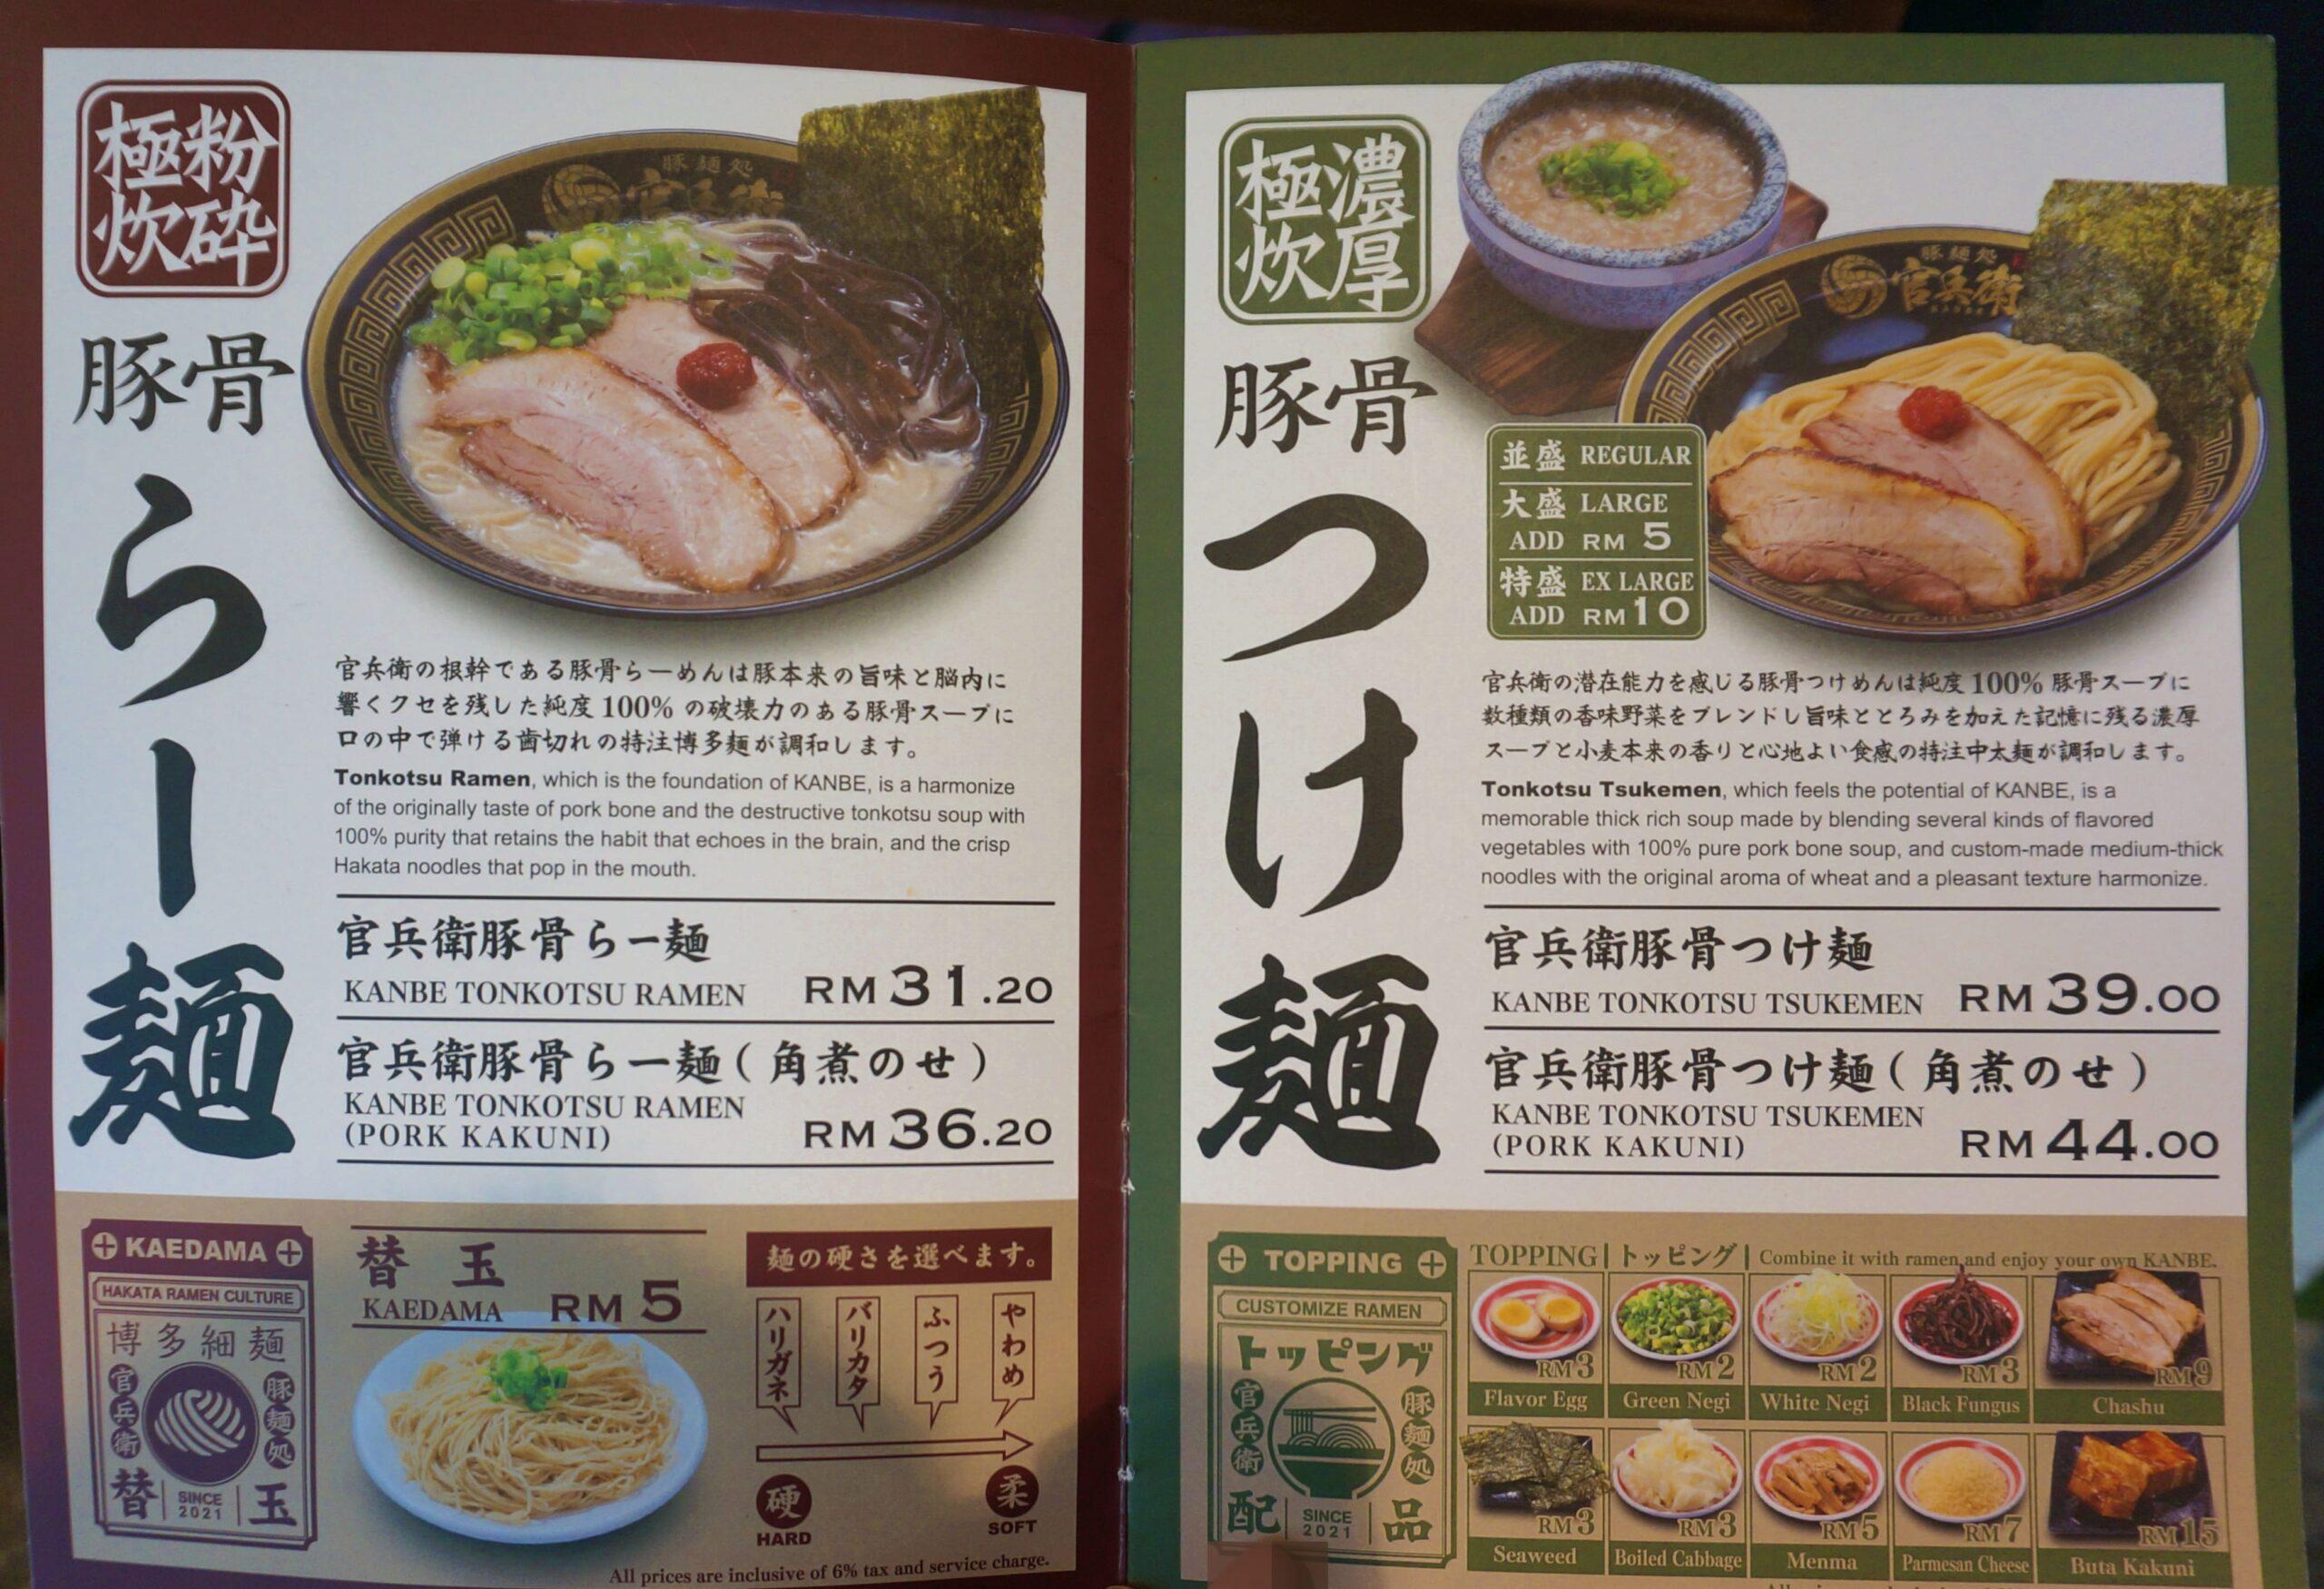 官兵衛 mont kiara 163 ラーメン menu